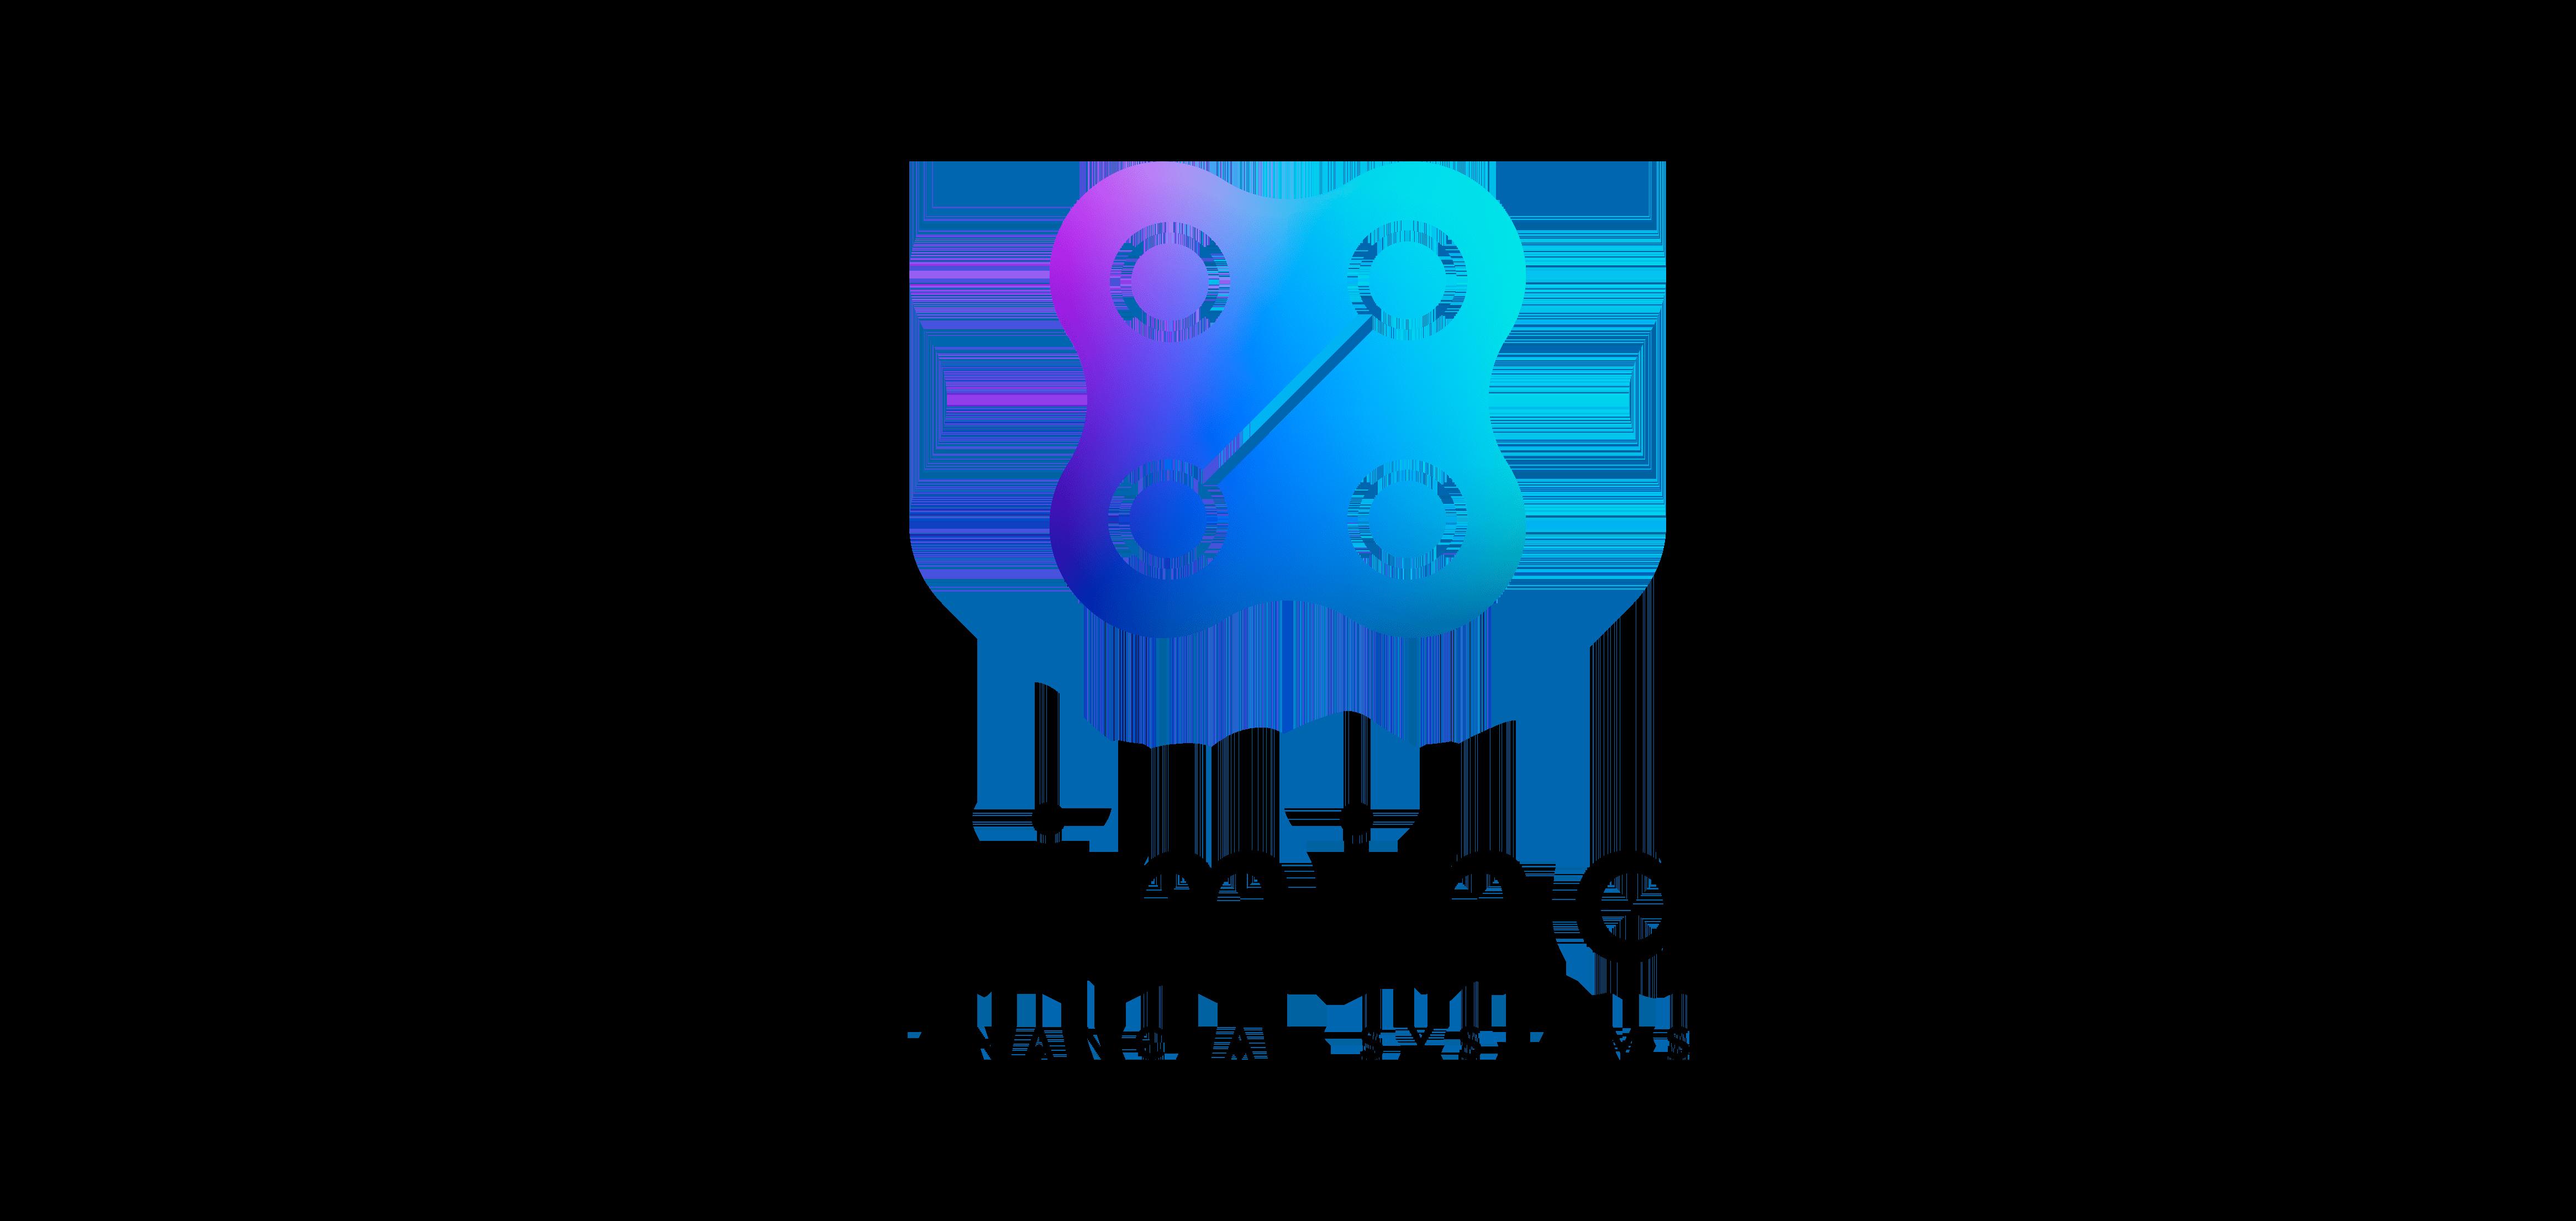 Limina's logo